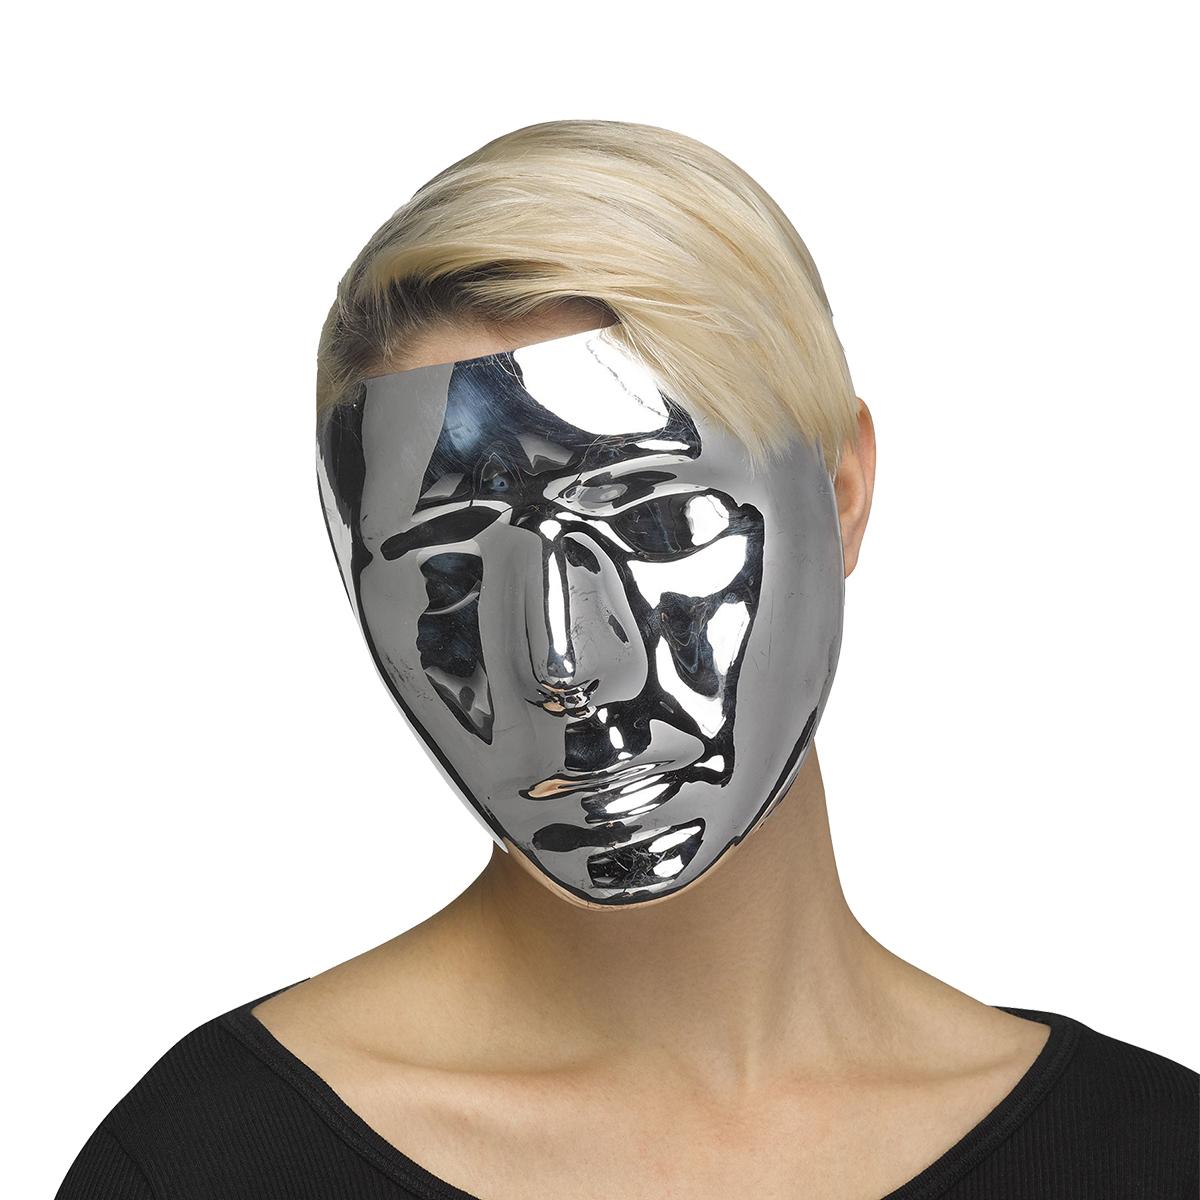 Mask, Metall kontur